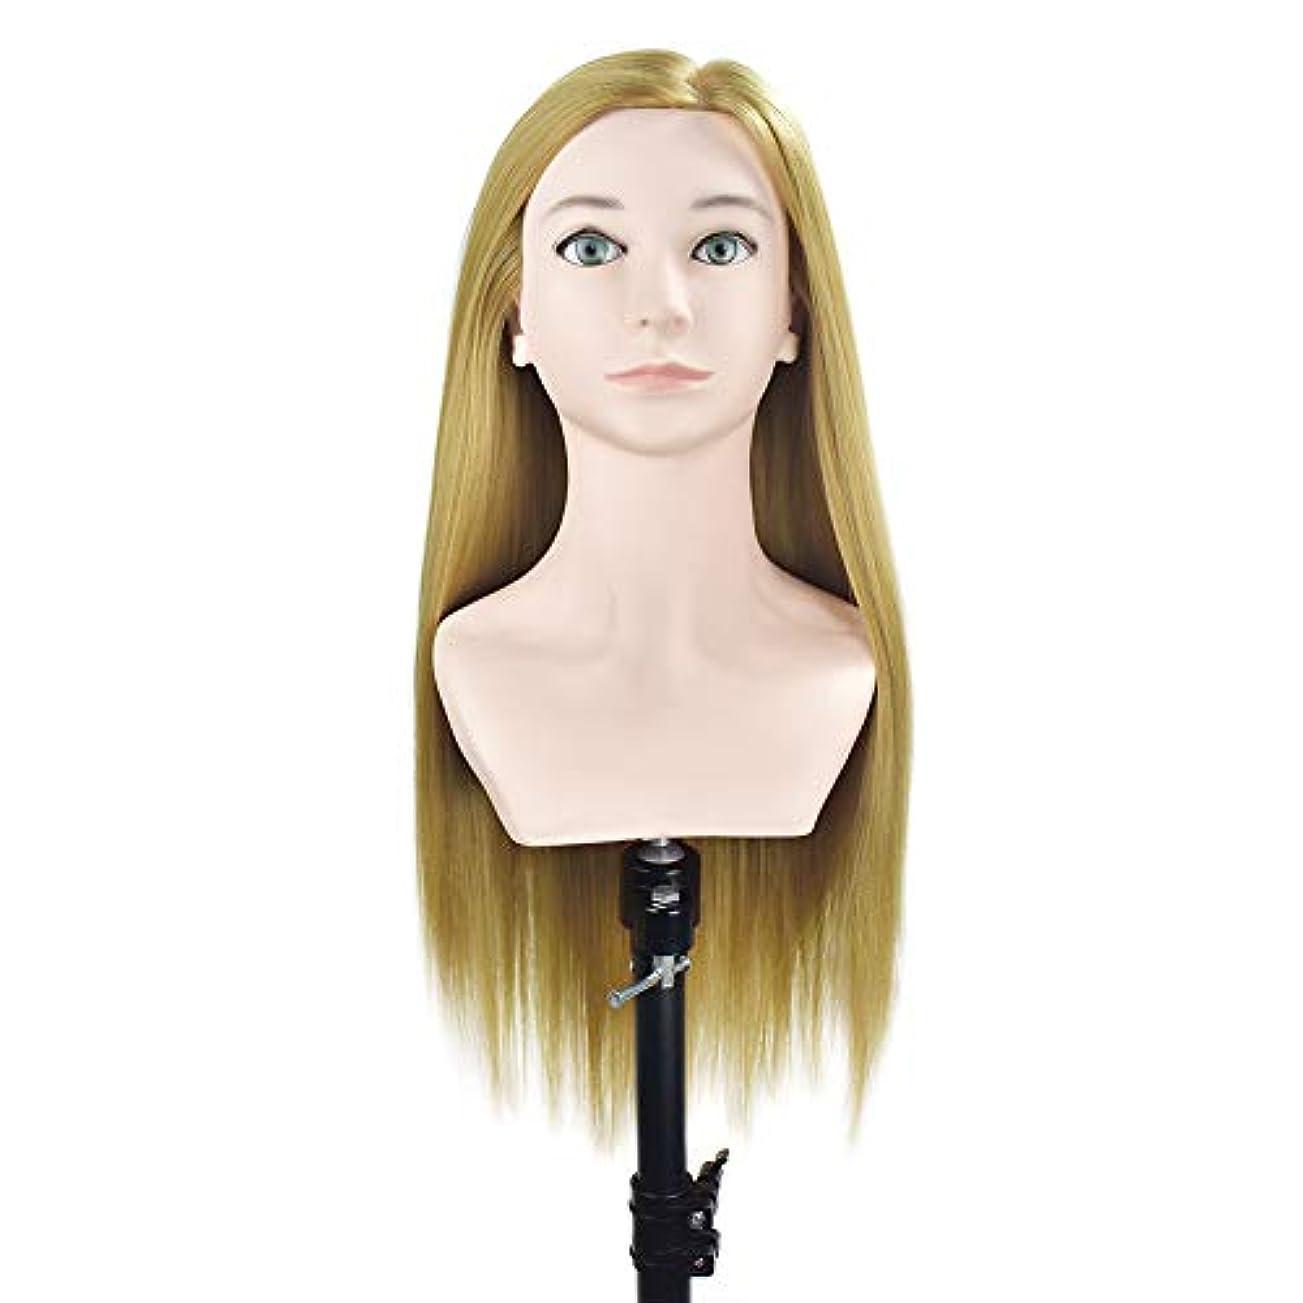 凝縮する偉業資料サロンの髪の編み物の美容指導の頭スタイリングのヘアカットのダミーヘッドのメイク肩の学習マネキンの頭